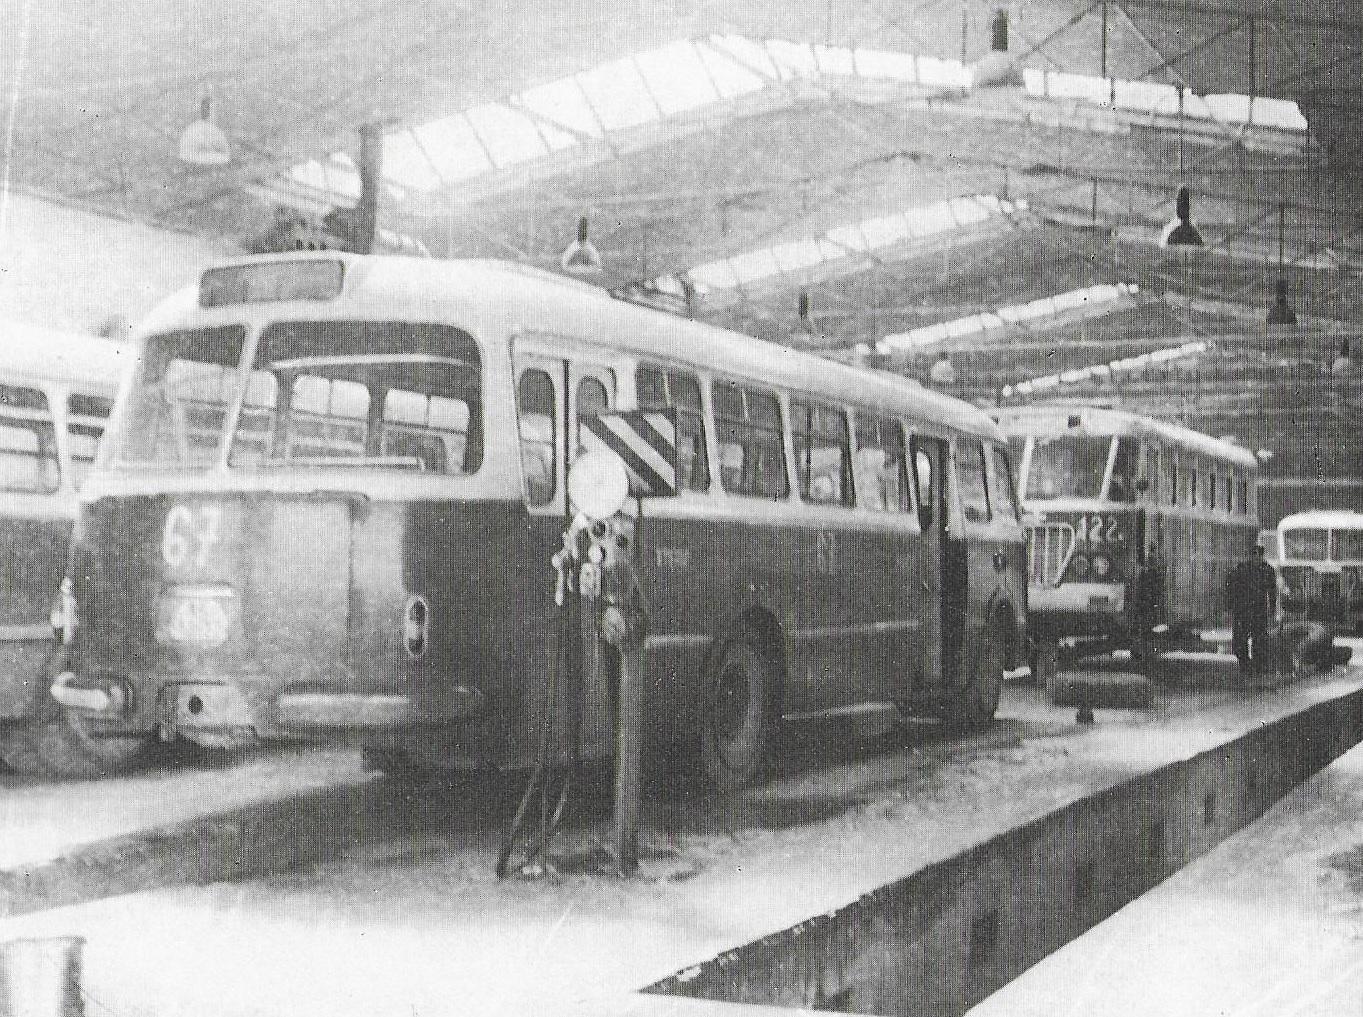 Autobus Škoda 706 RTO ev. č. 67 v dílně. Vůz byl vyroben v roce 1960 a patřil tak mezi první košické vozy RTO. V provozu se udržel až do roku 1973. V pozadí vidíme autobus Ikarus 620 ev. č. 122. (foto: DPMK)